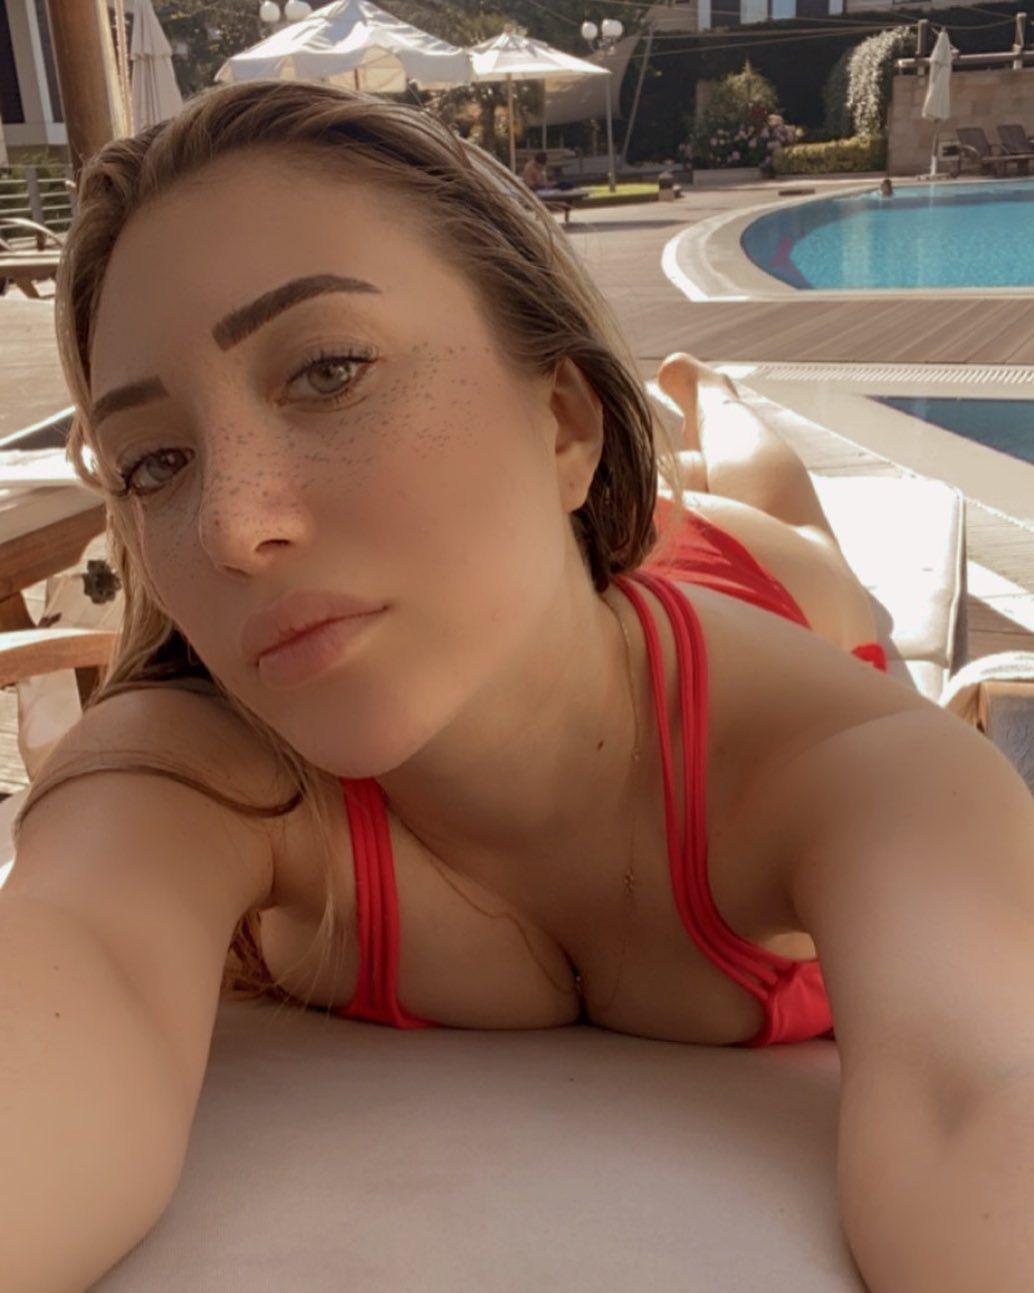 Yasmin Erbil kırmızı bikinisiyle dikkat çekti - Sayfa 1